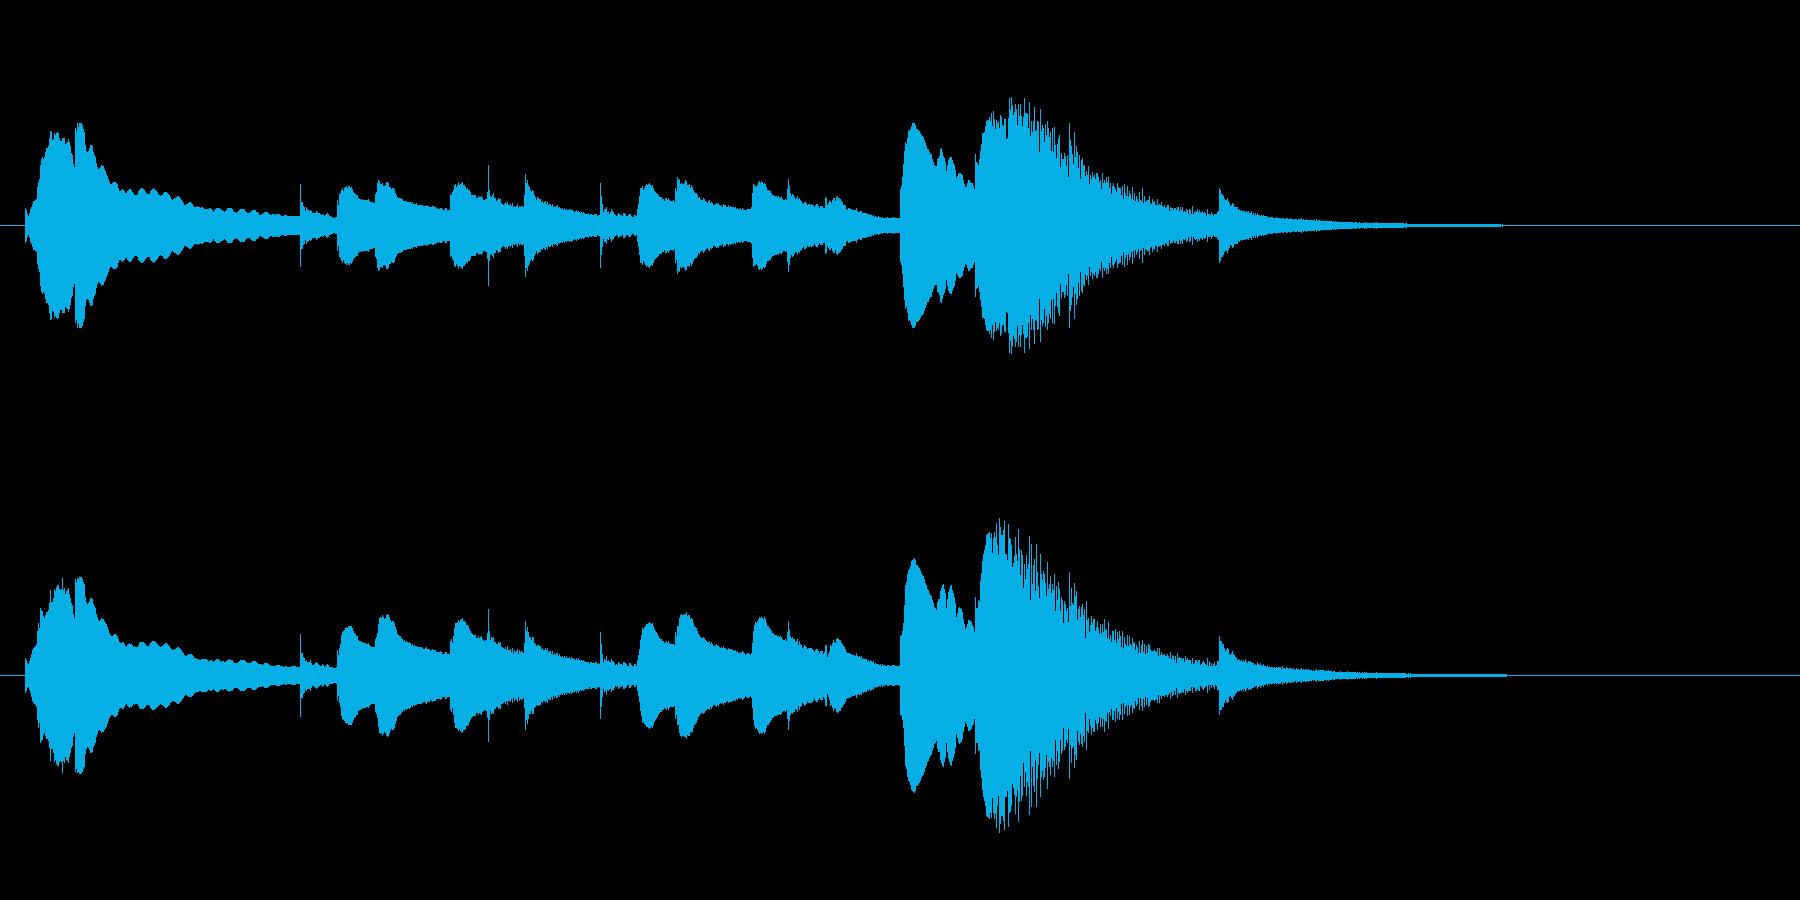 オルゴールジングル ドビュッシーの再生済みの波形